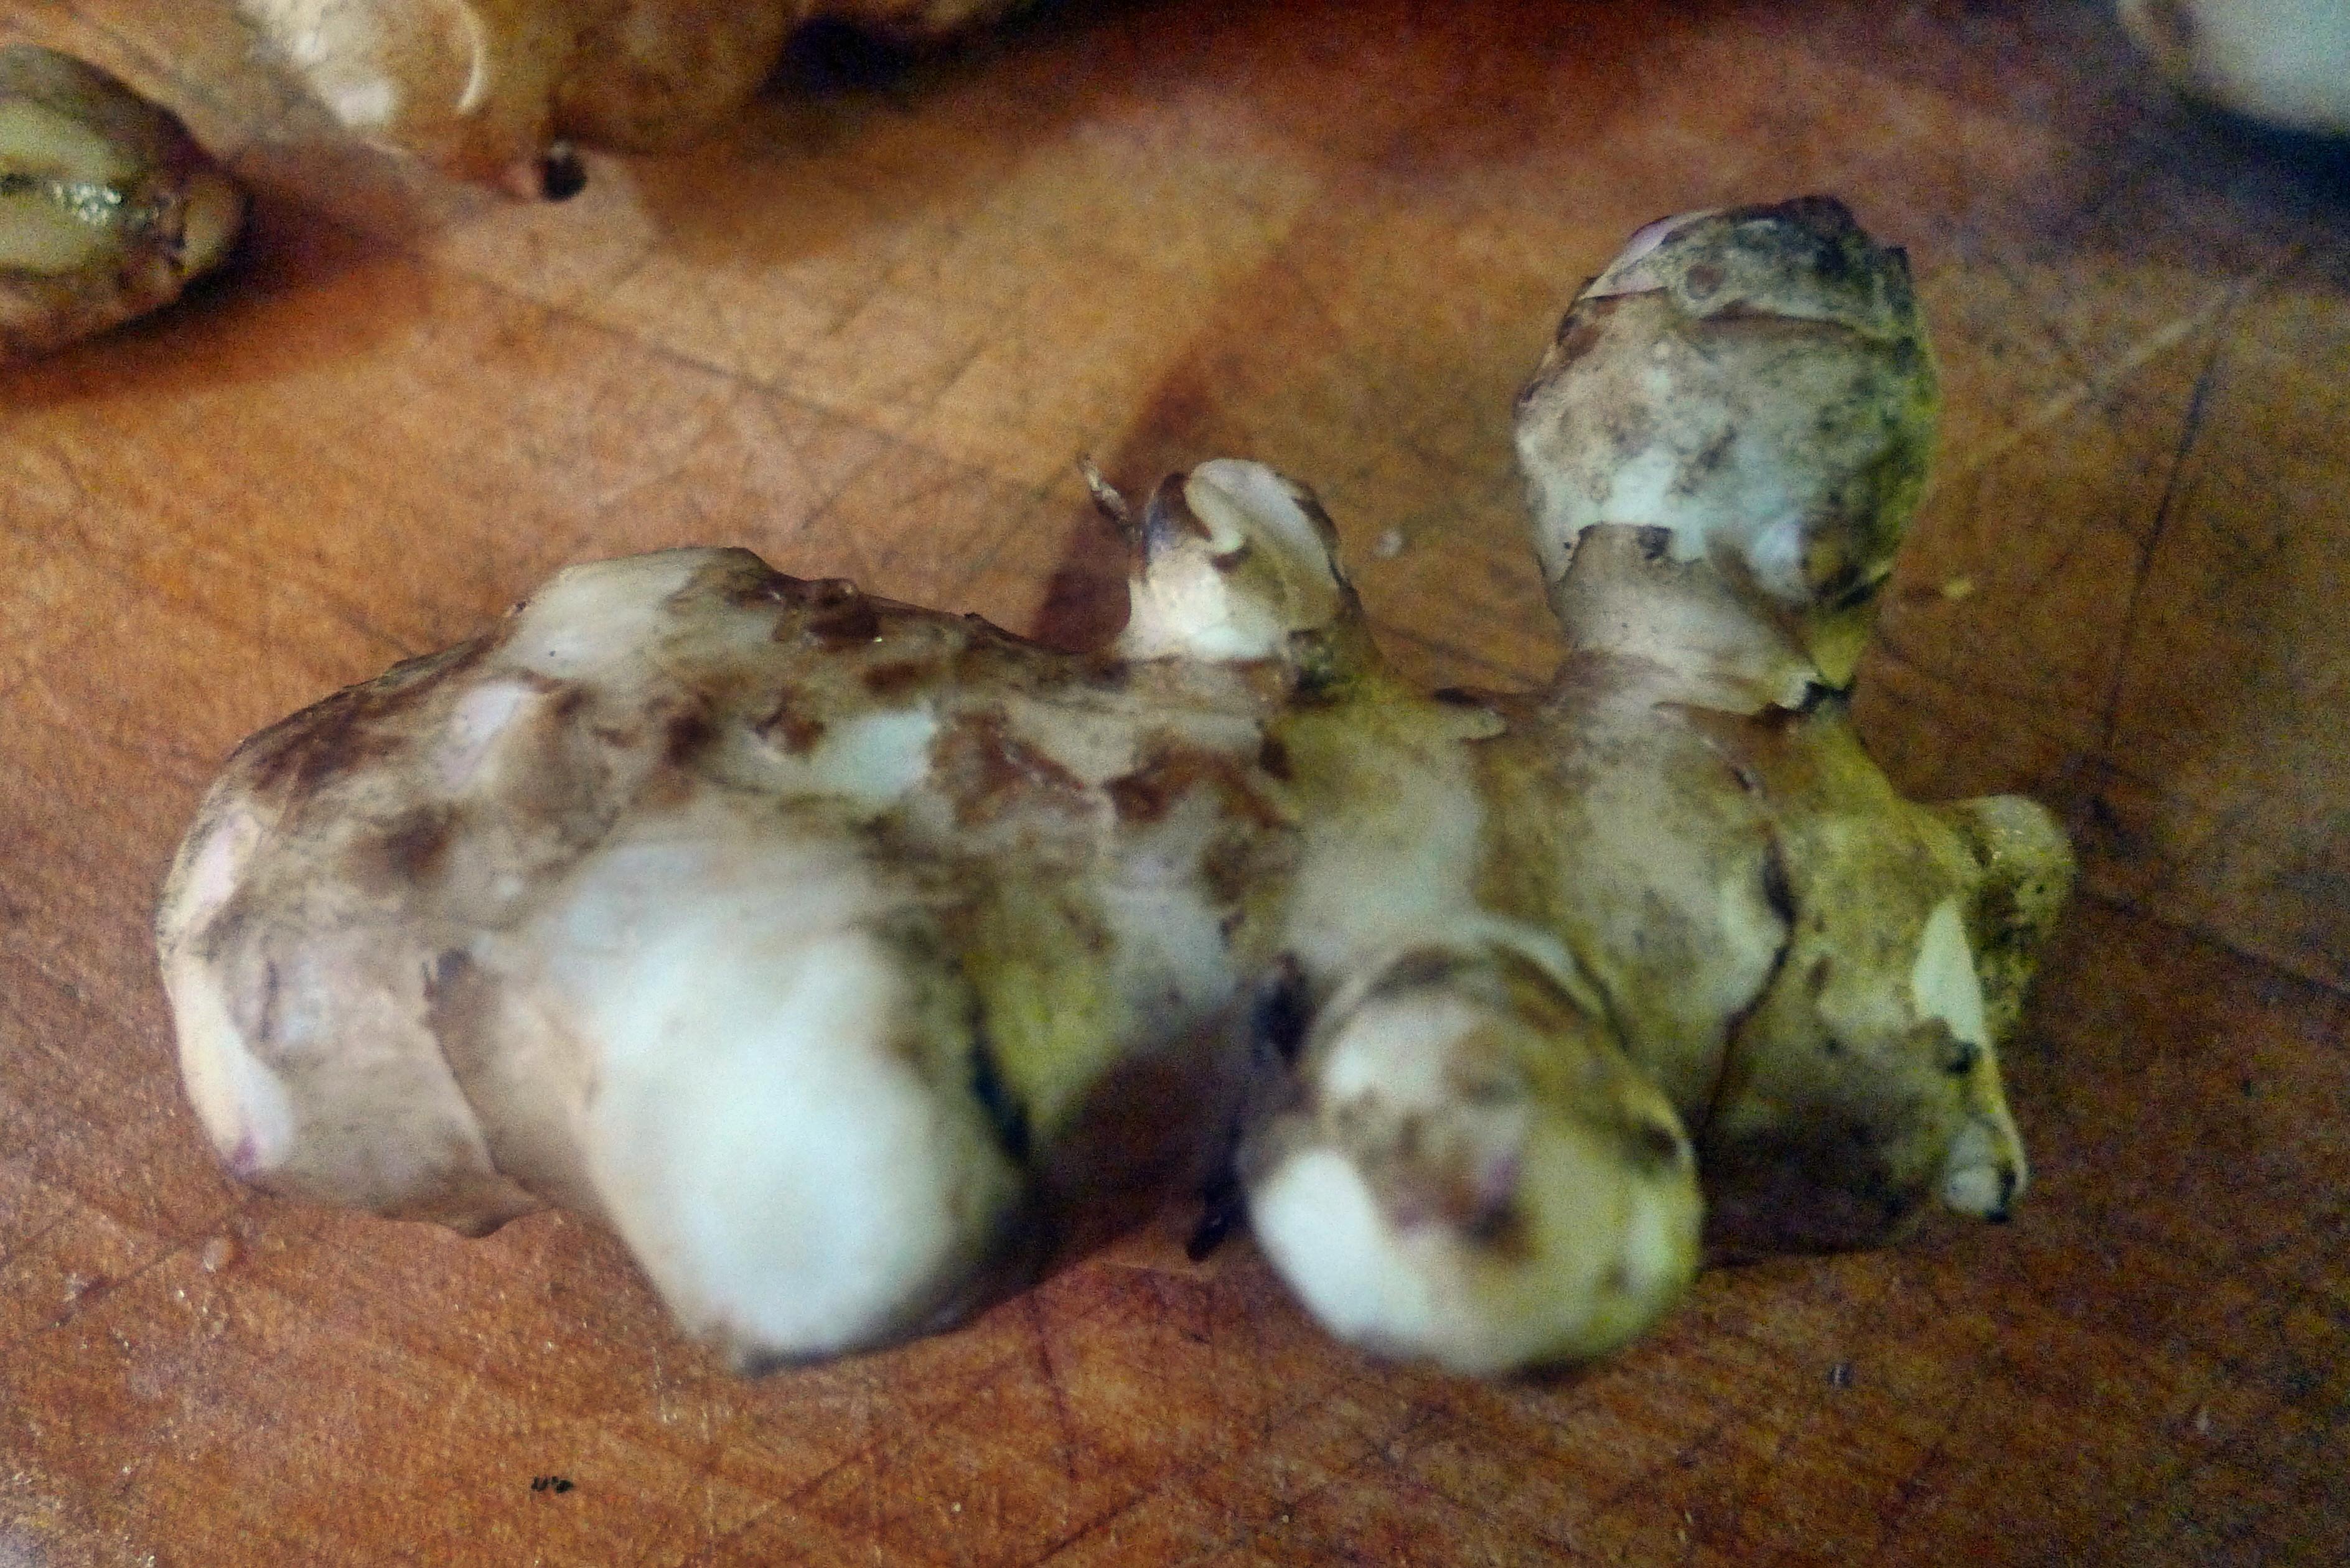 Topinambur-Kohlrabisalat-Gebratene Tomaten-Lachs - 23.10.14   (9)